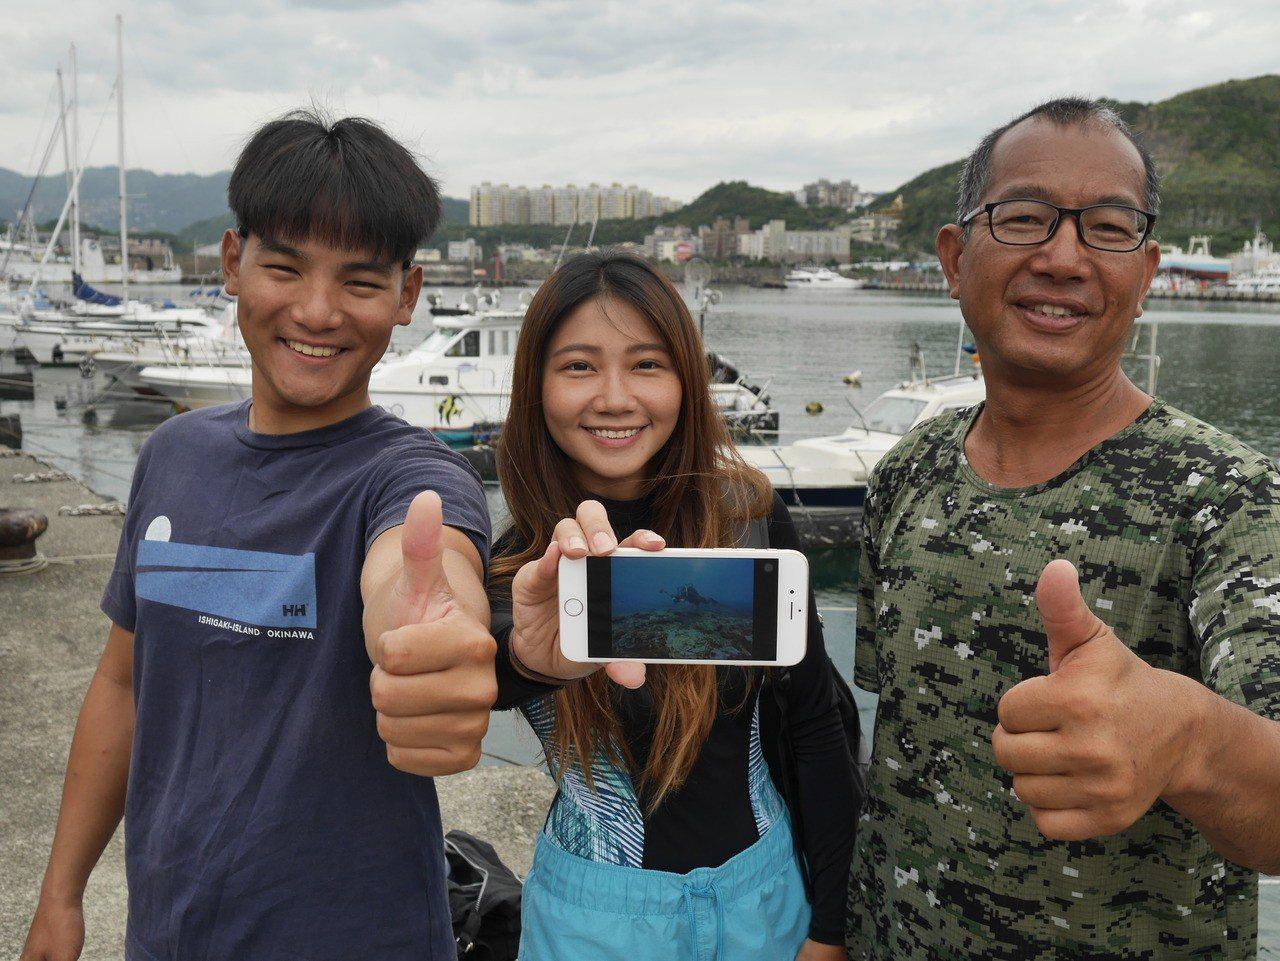 基隆市潛水教練王銘祥,和Gino,Ray等人,在象鼻岩海域附近發現十個藍球場大的...